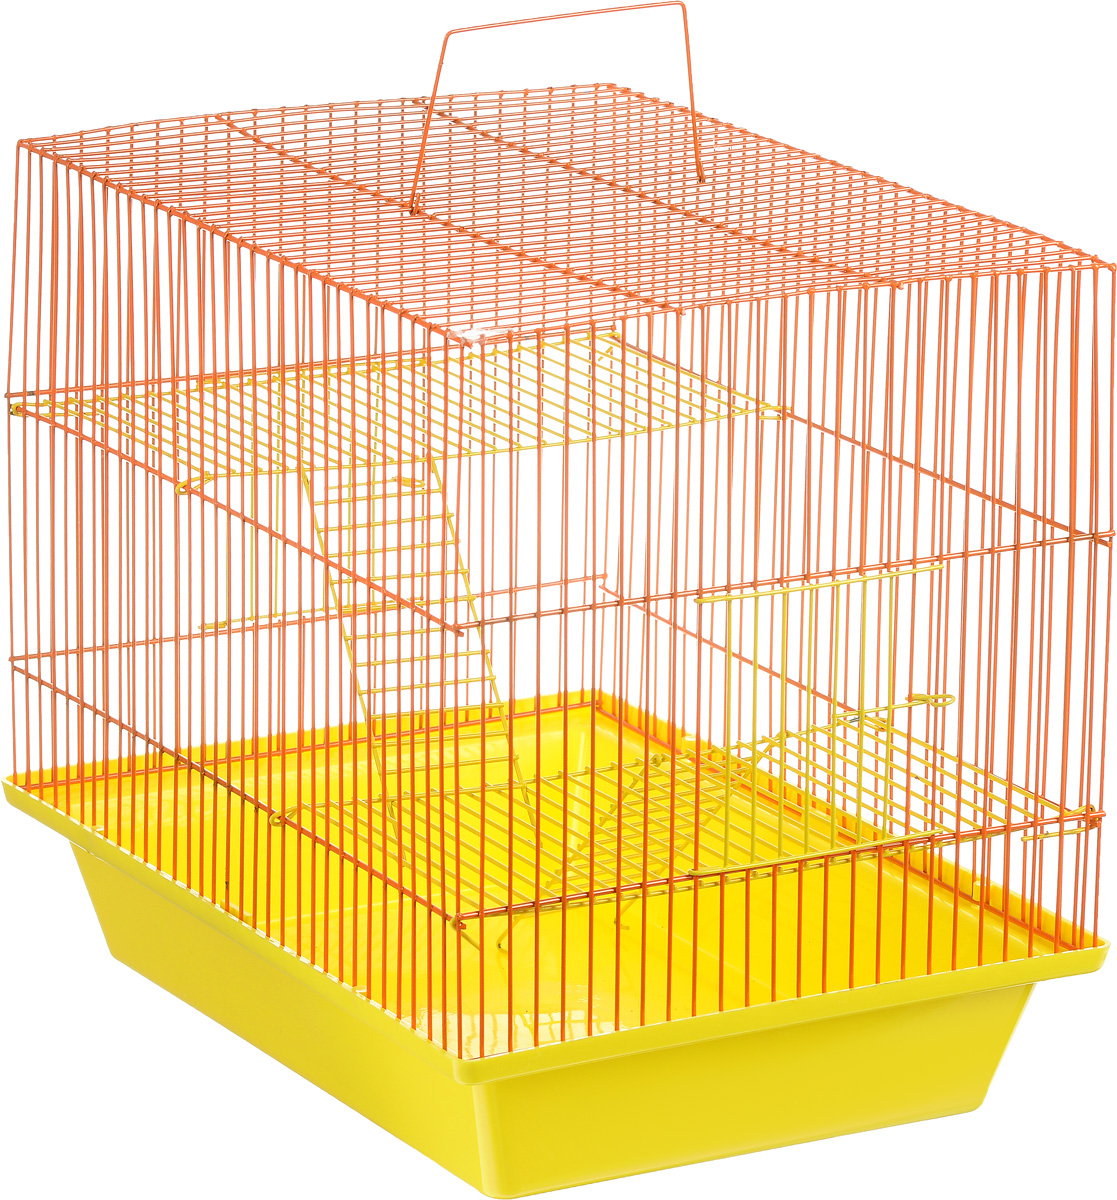 Клетка для грызунов ЗооМарк Гризли, 3-этажная, цвет: желтый поддон, оранжевая решетка, желтые этажи, 41 х 30 х 36 см. 230ж230ж_оранжевый, желтыйКлетка ЗооМарк Гризли, выполненная из полипропилена и металла, подходит для мелких грызунов. Изделие трехэтажное. Клетка имеет яркий поддон, удобна в использовании и легко чистится. Сверху имеется ручка для переноски.Такая клетка станет уединенным личным пространством и уютным домиком для маленького грызуна.